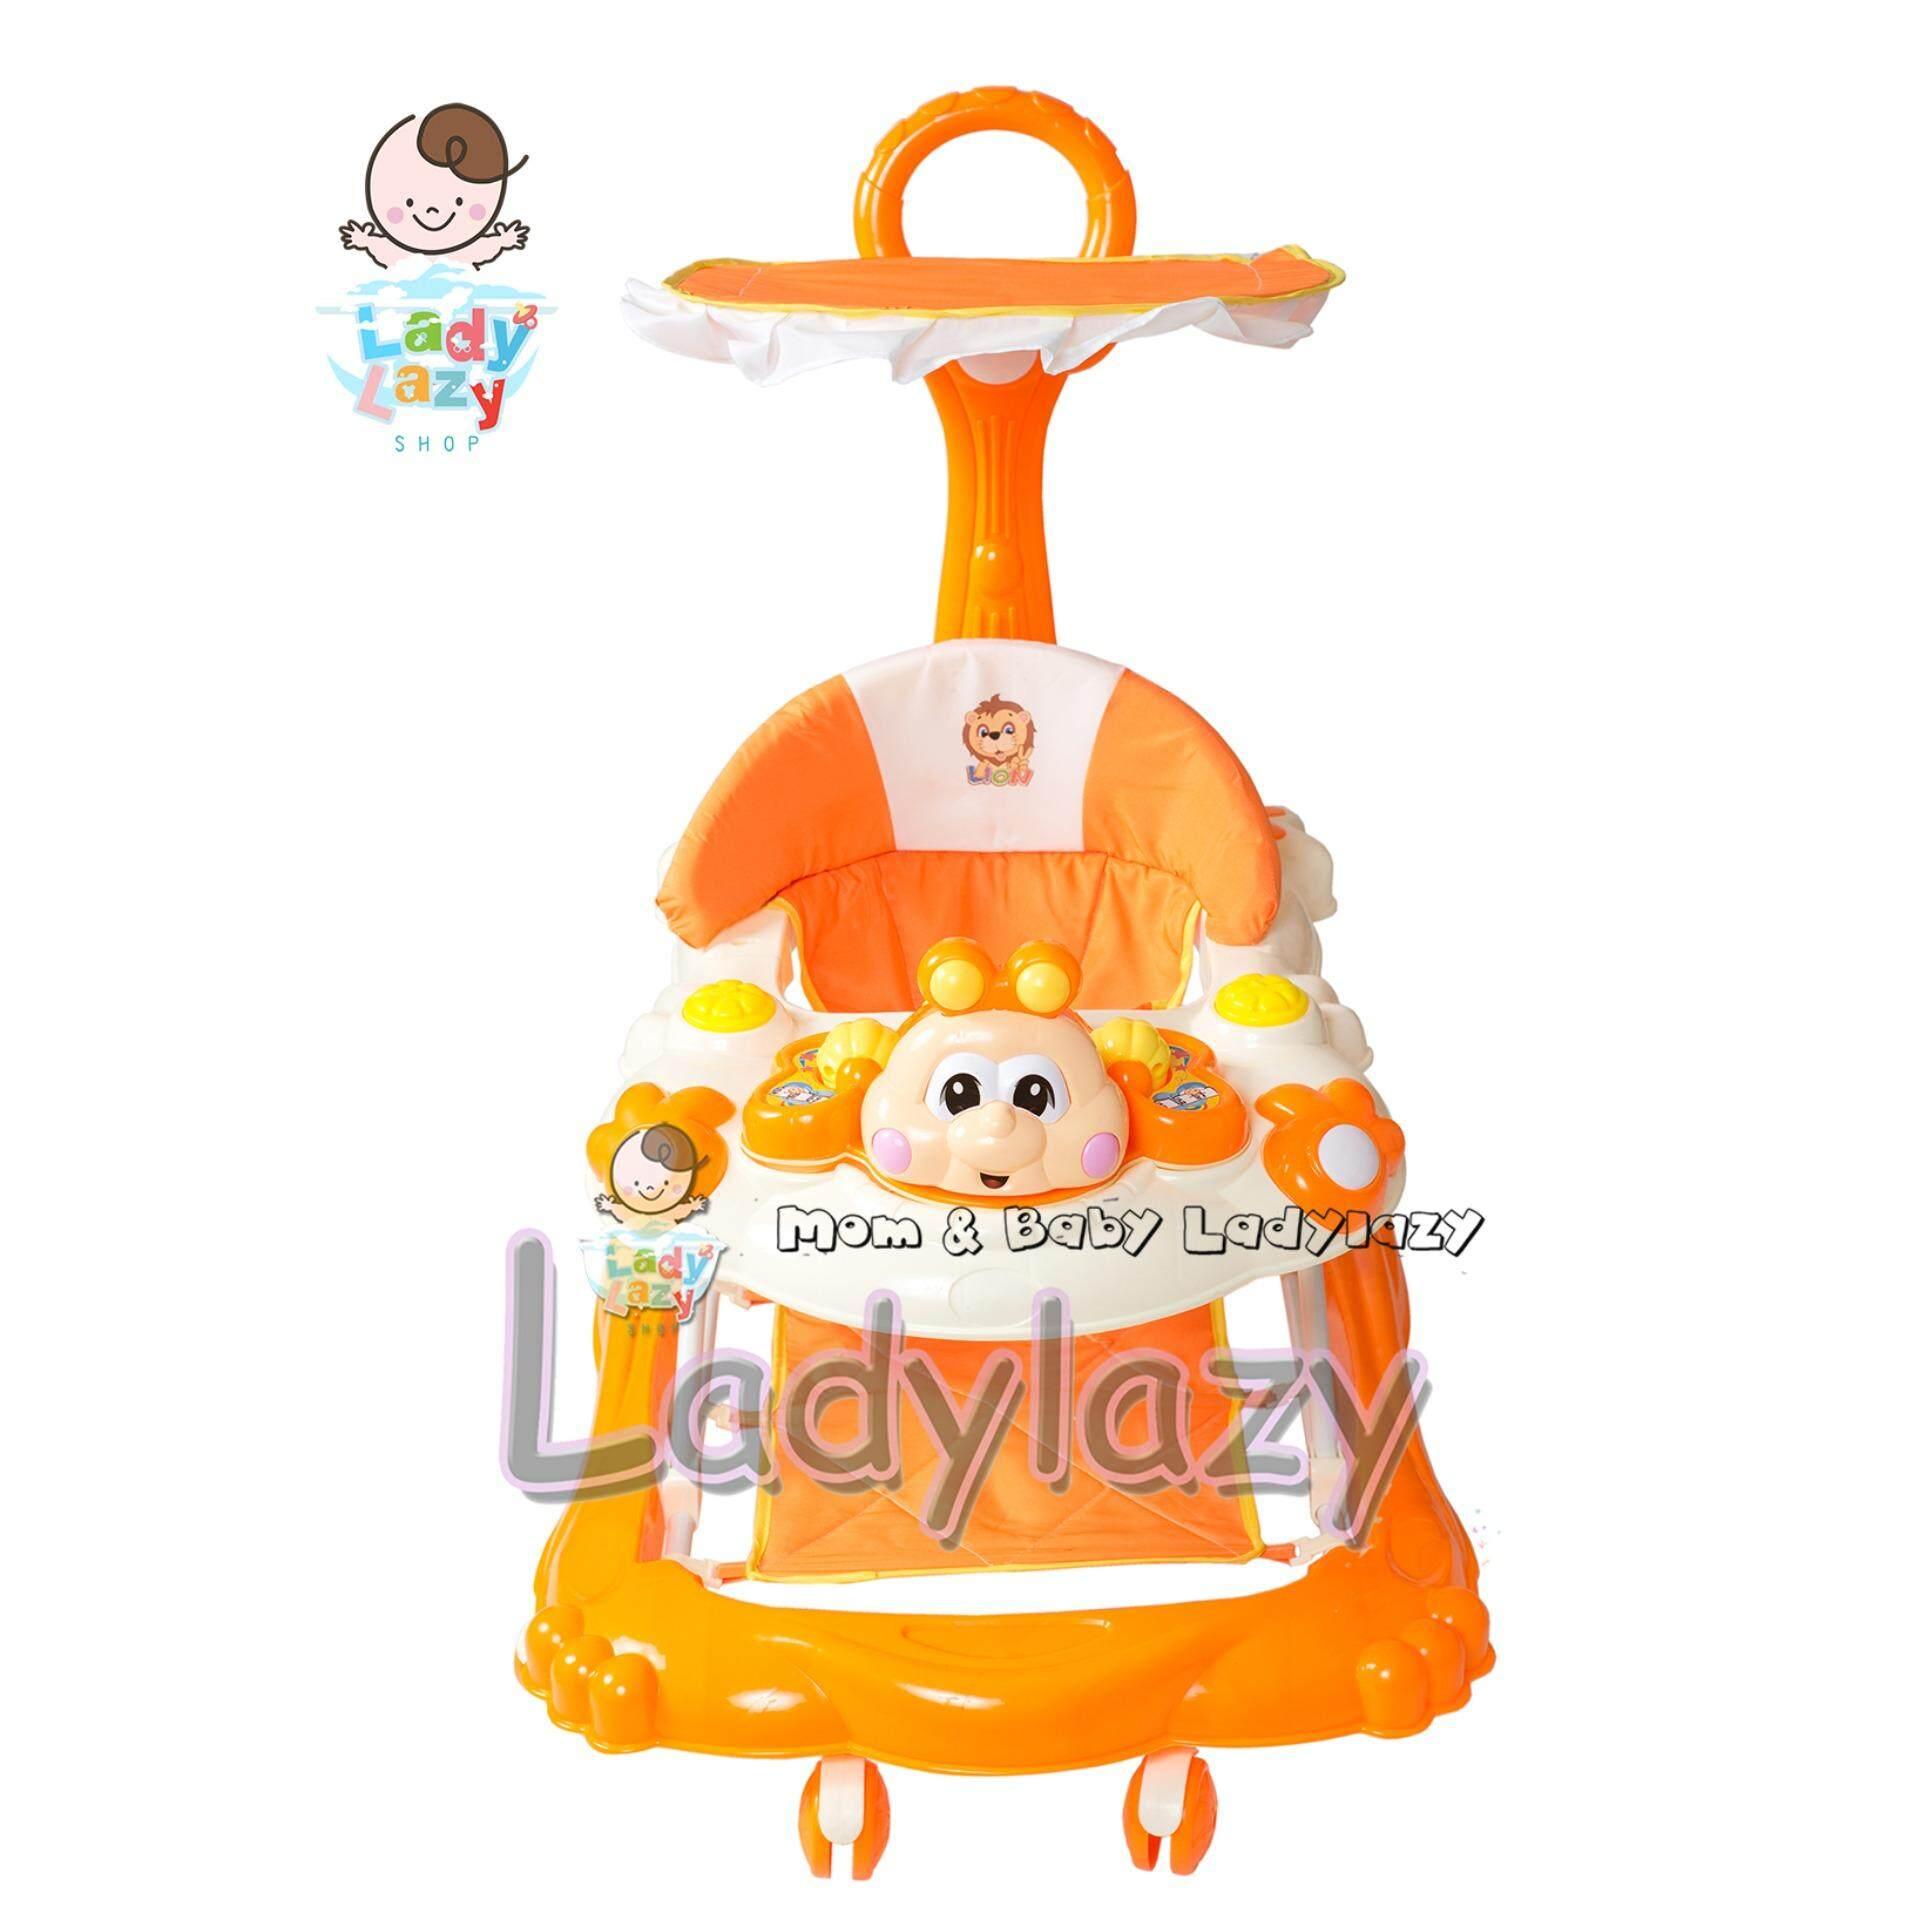 ซื้อ Ladylazy รถเด็กหัดเดิน ปรับได้ 4 ระดับ ลายผึ้งน้อย สีส้ม ถูก